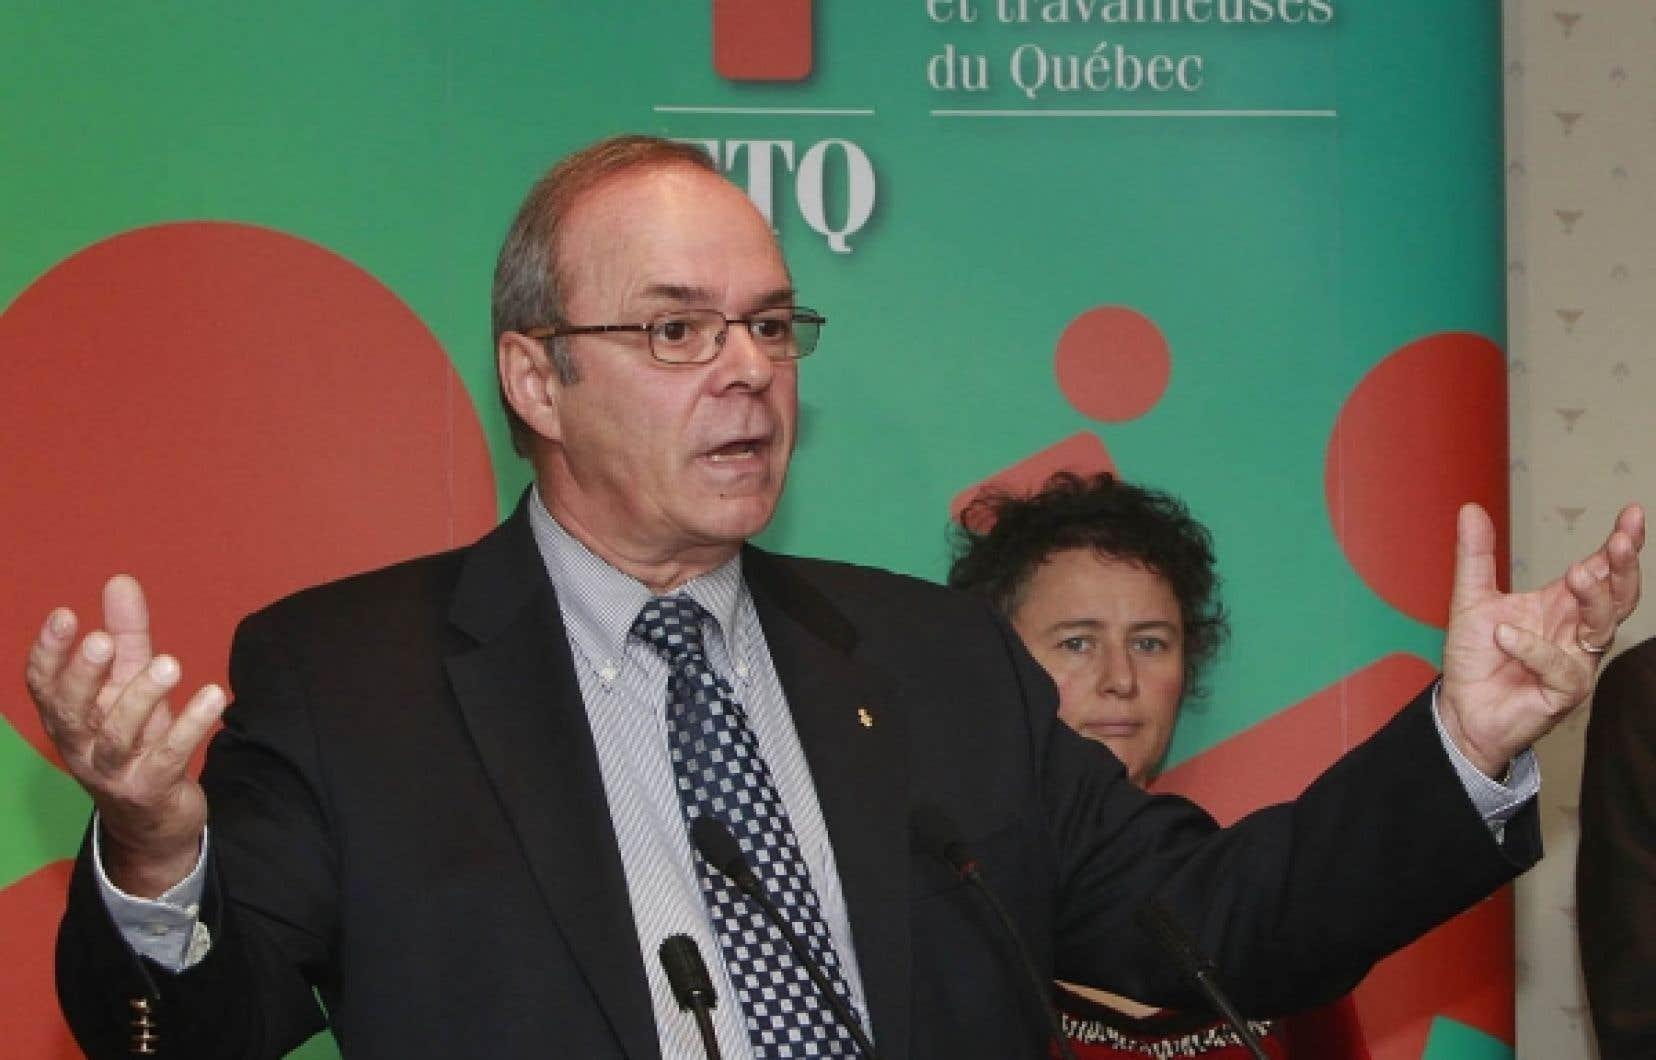 Michel Arsenault, président de la FTQ, revendique une bonification majeure des régimes de retraite publics. En arrière-plan, Alexa Conradi, présidente de la Fédération des femmes du Québec, l'un des nombreux organismes partenaires de la campagne de sensibilisation menée par la FTQ.